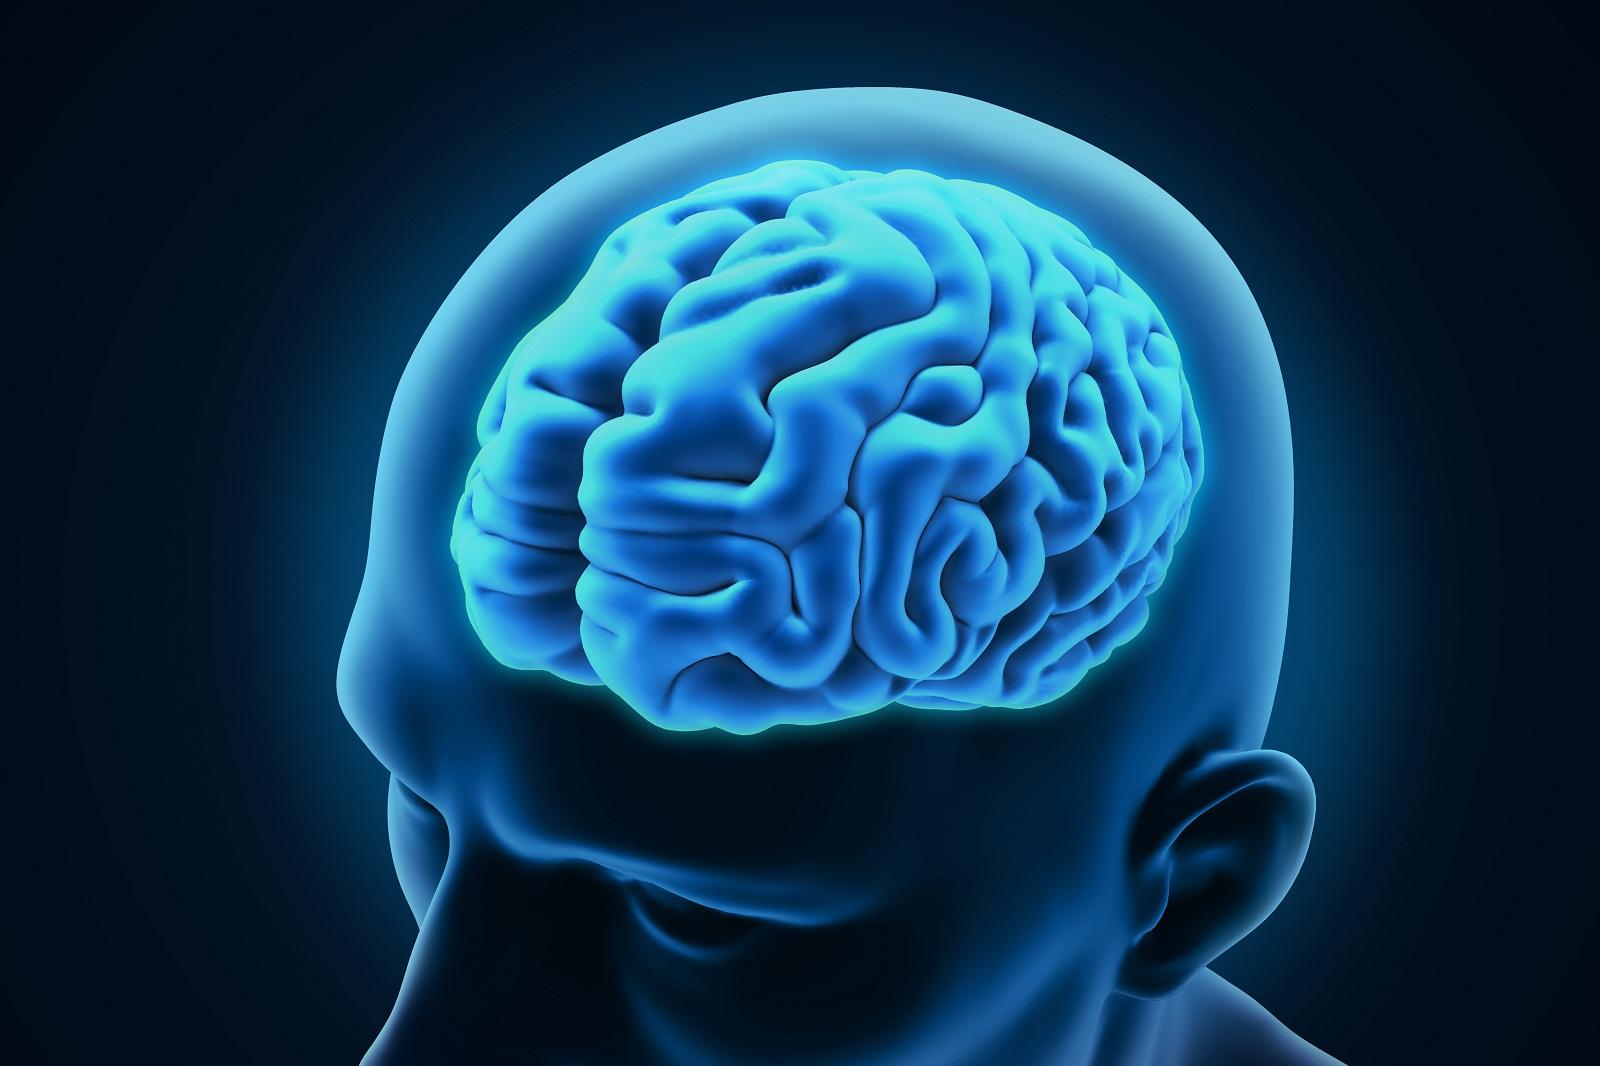 Мозг человека фото картинки